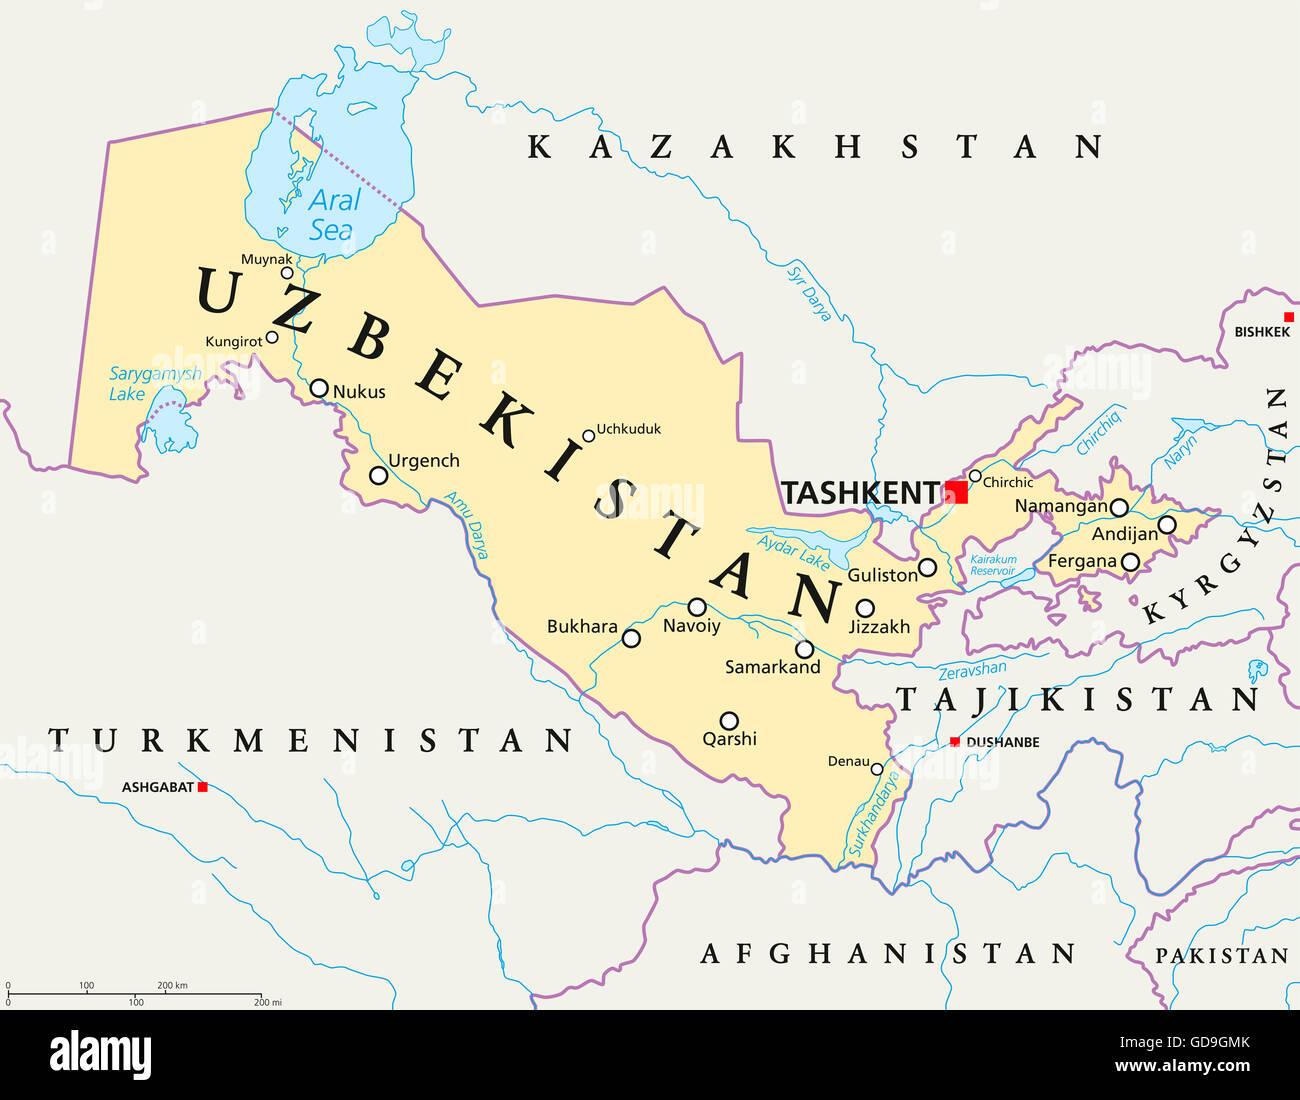 Usbekistan Karte.Usbekistan Politische Karte Mit Hauptstadt Taschkent Landesgrenzen